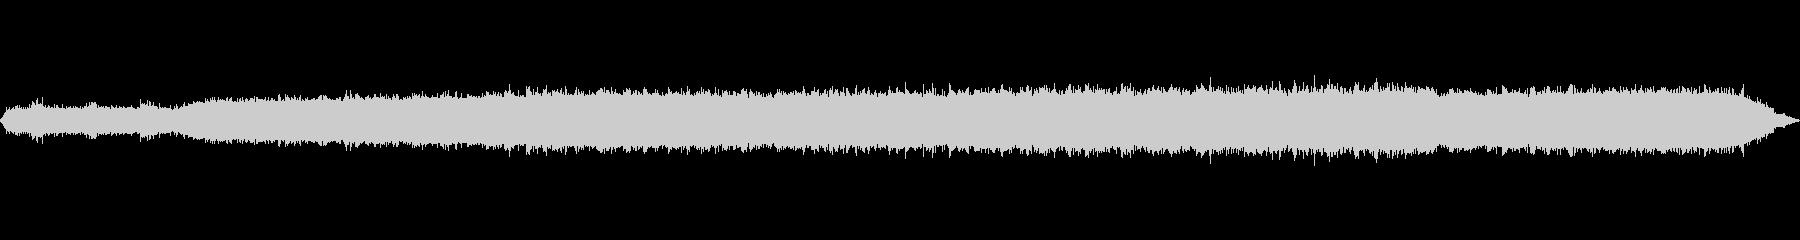 【自然音】秋の虫の鳴き声01の未再生の波形